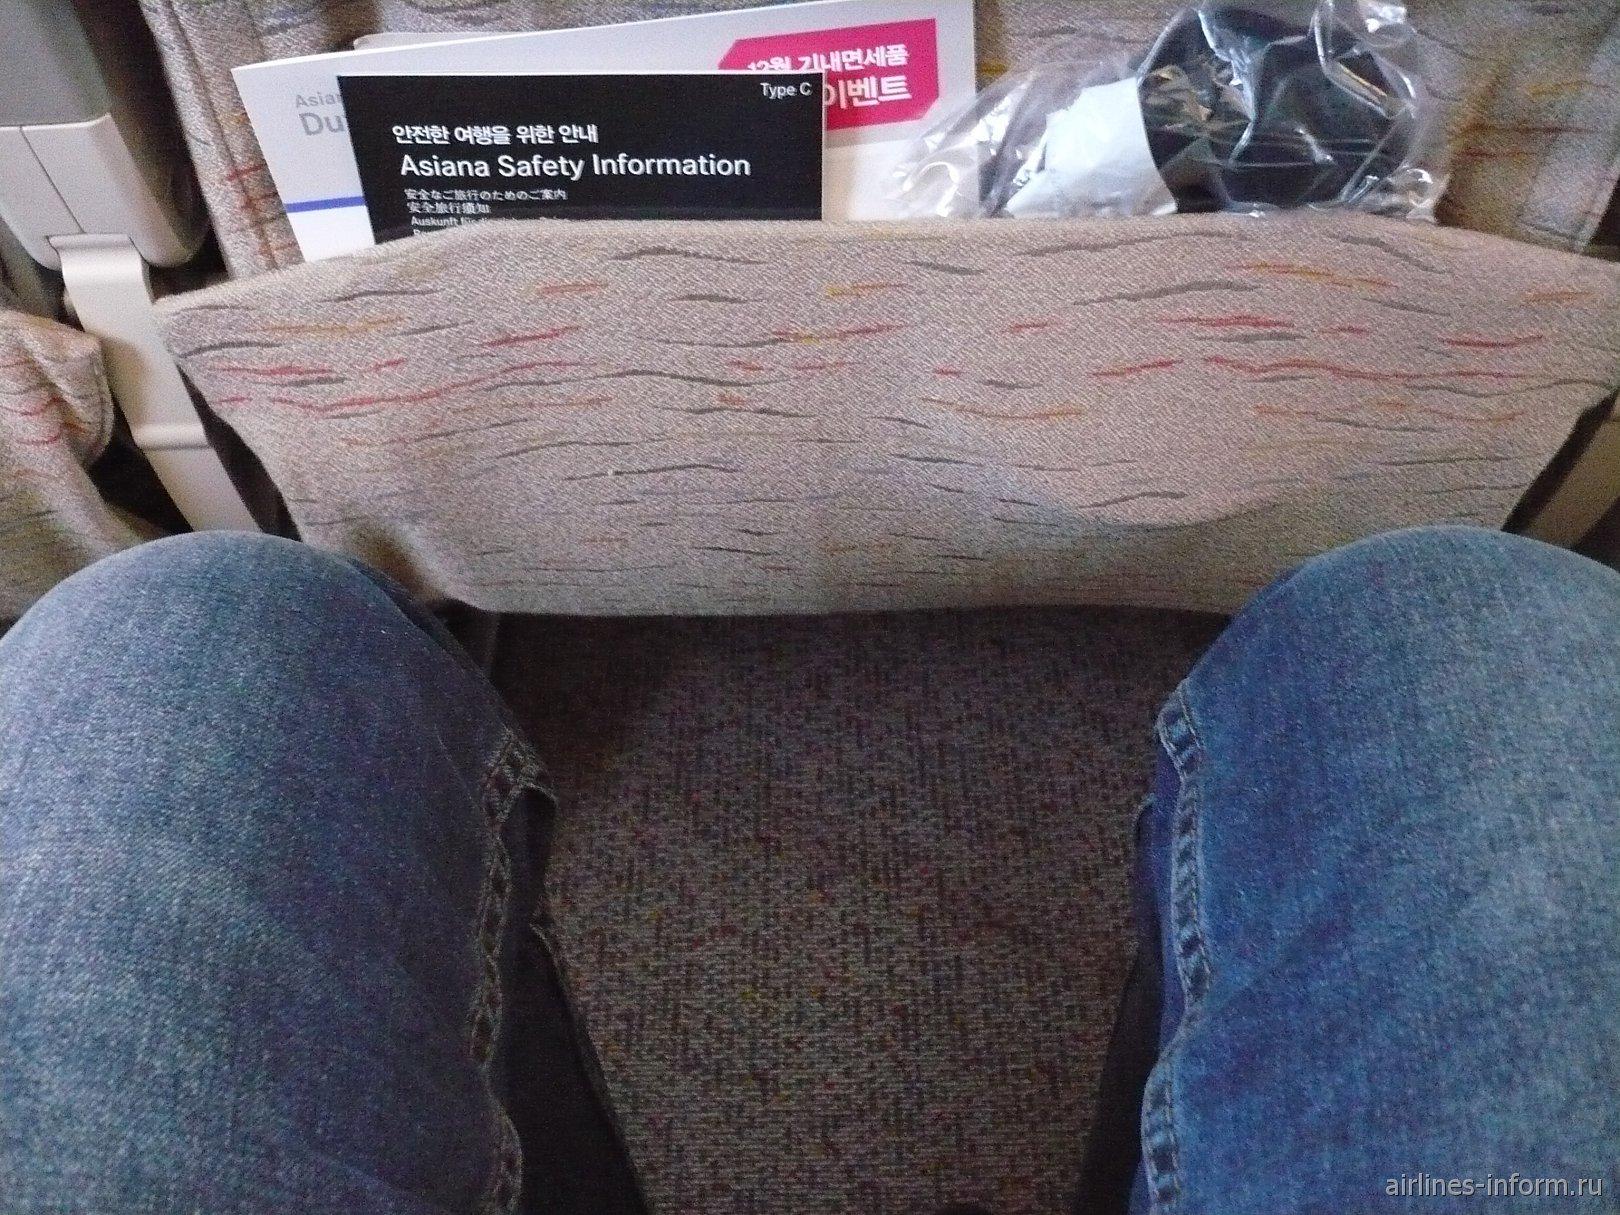 Достаточно комфортно в кресле, места для ног приличное, с мои ростом 189 см.